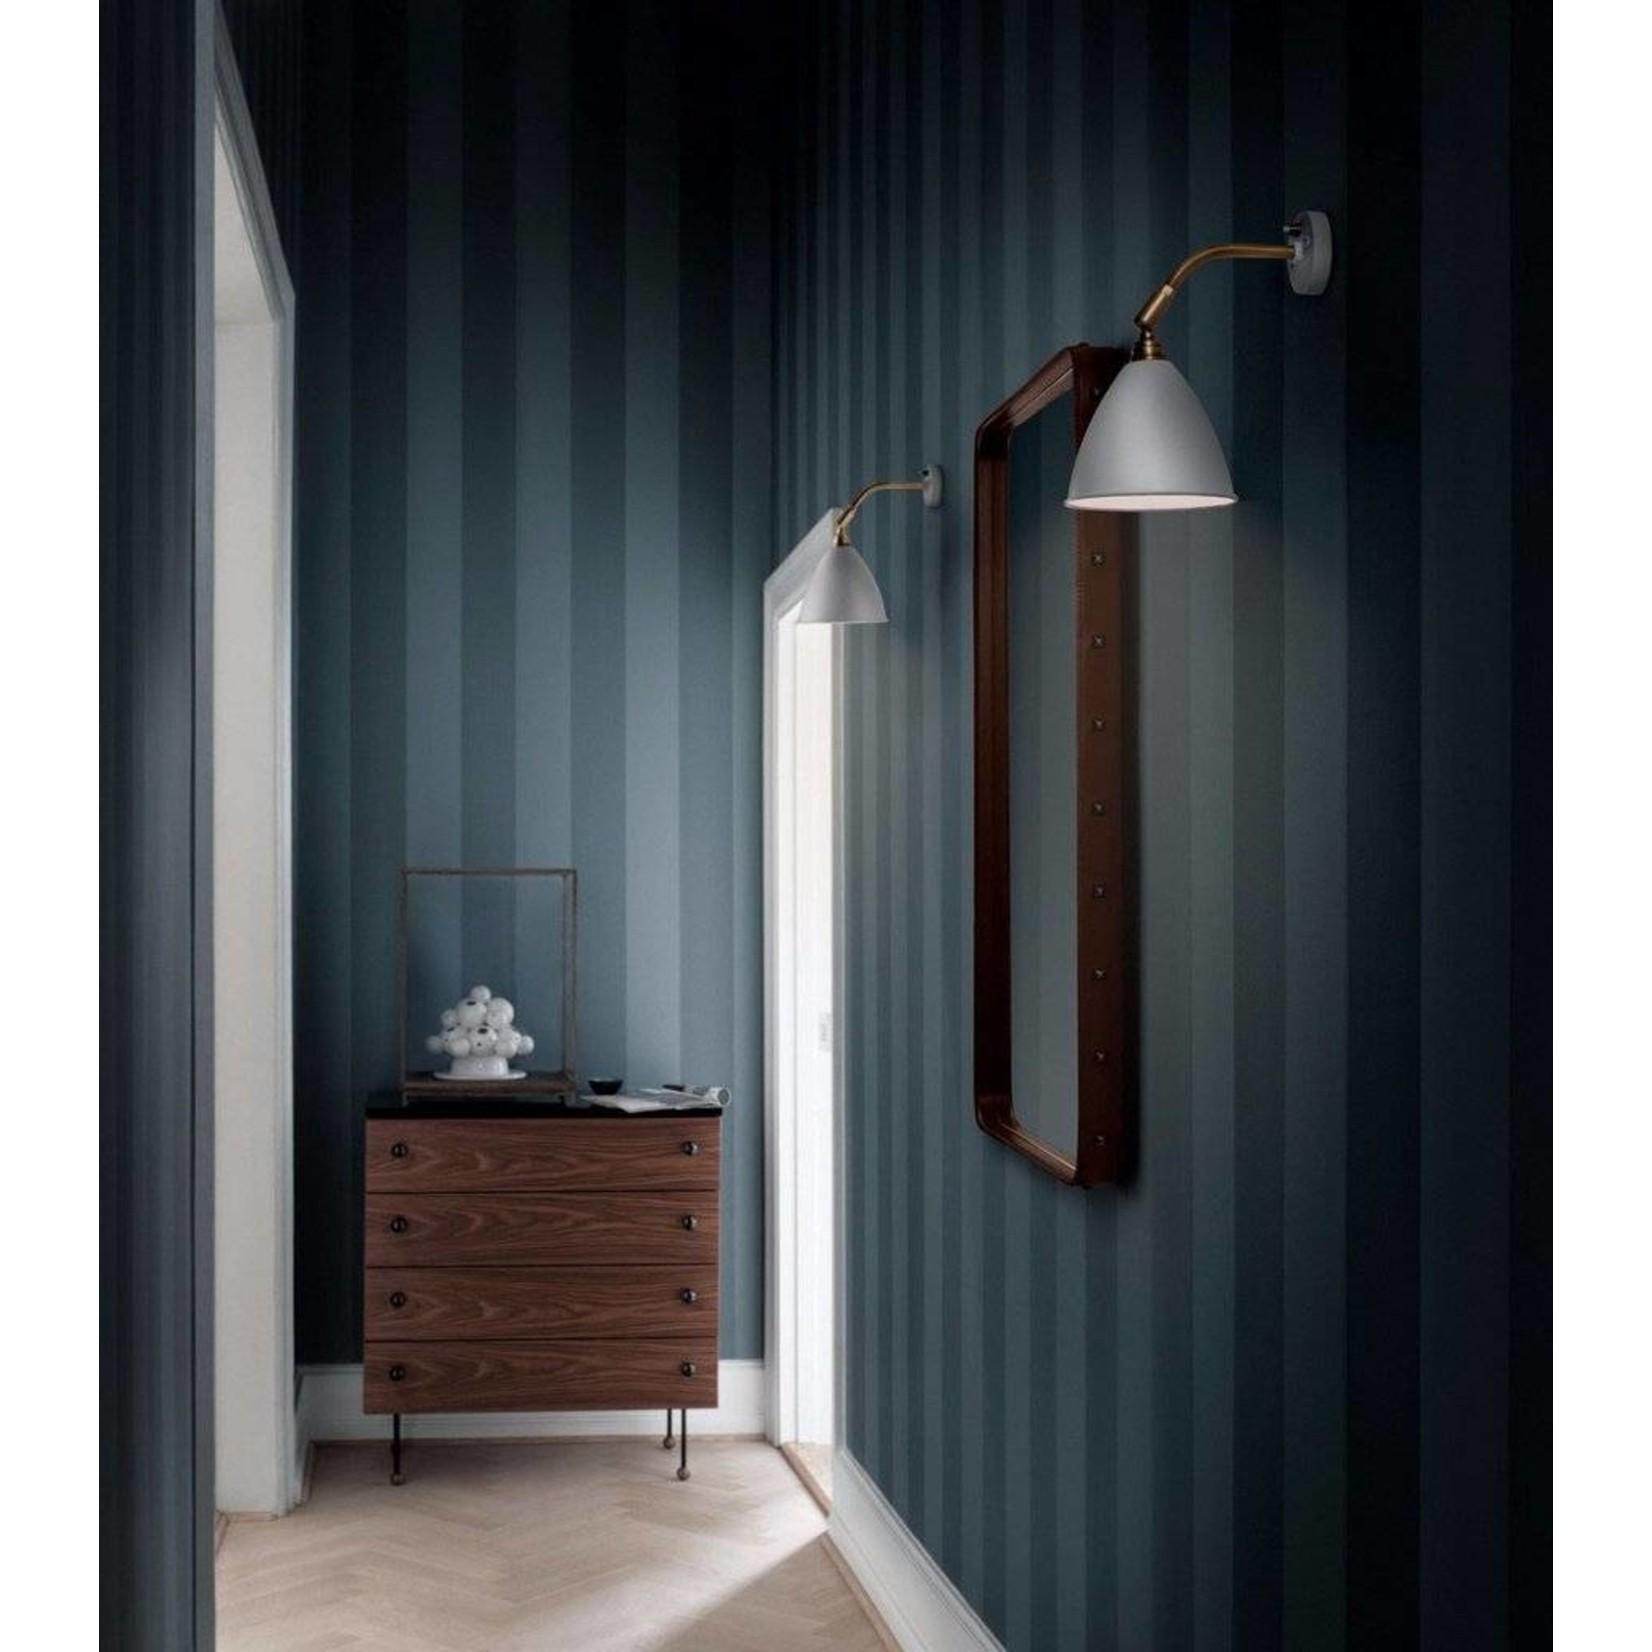 Gubi Wandspiegel Adnet - Rechthoekig - 65x115 - Tan Leather